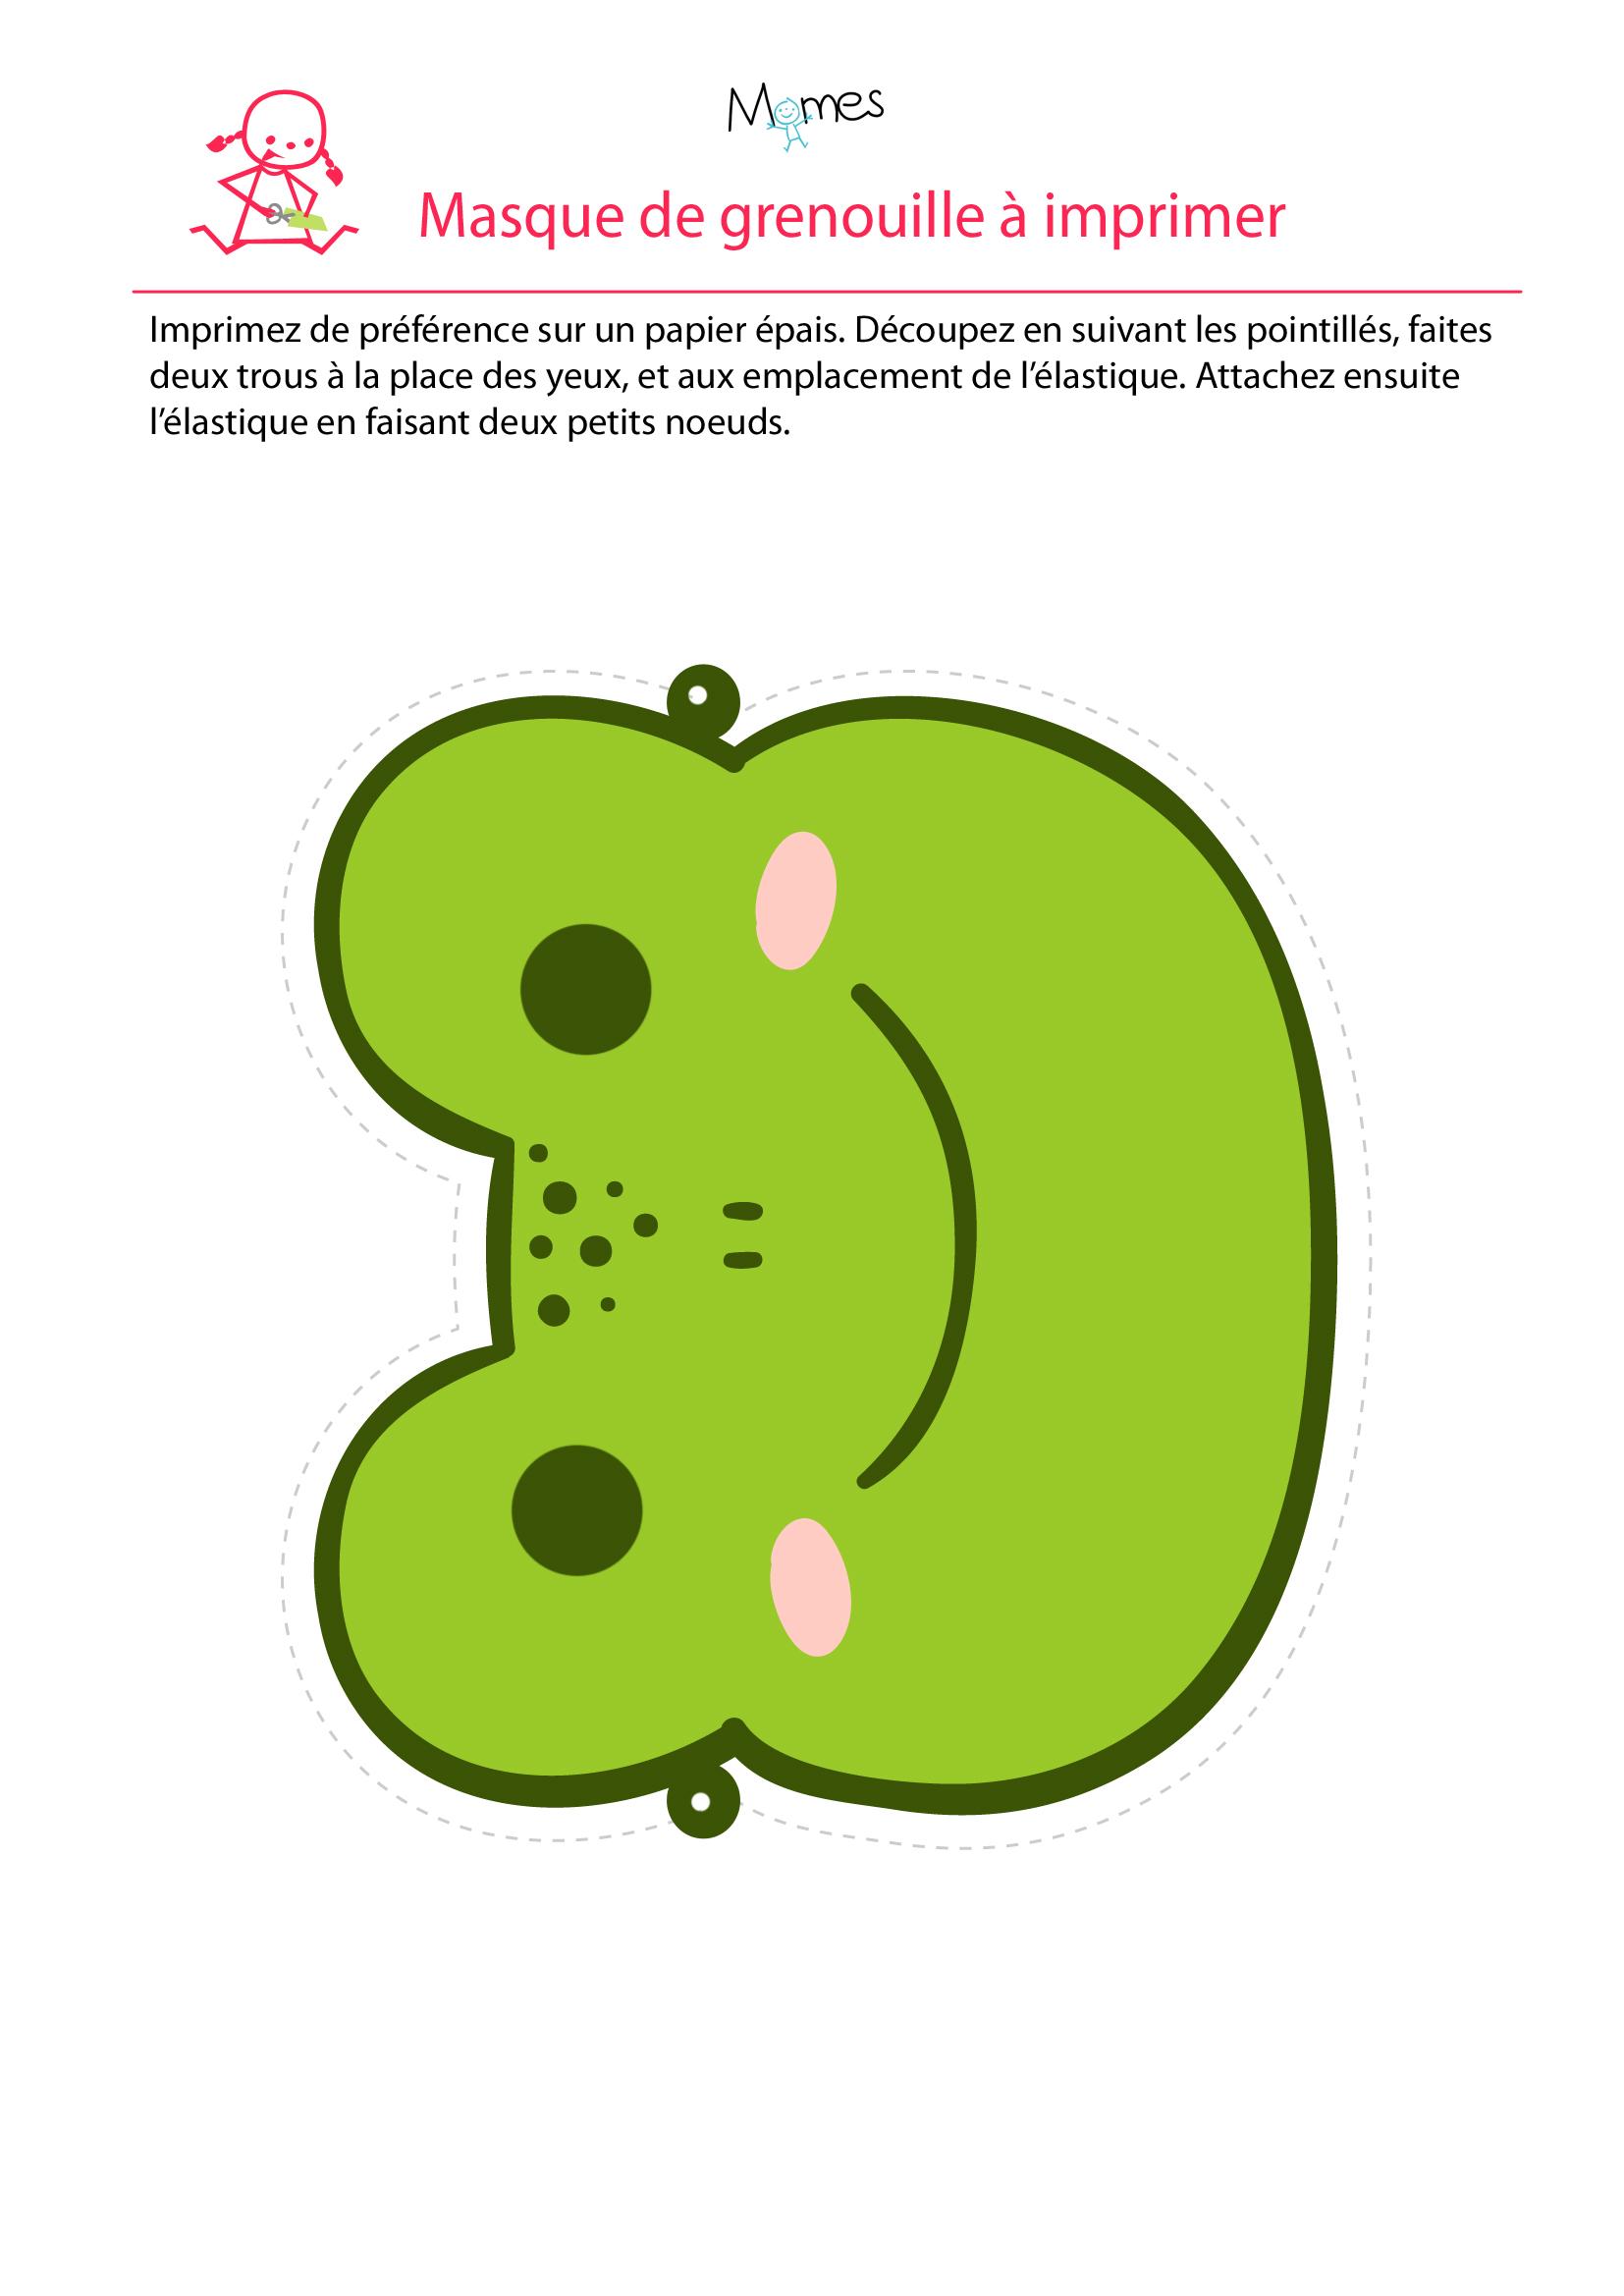 Masque de grenouille à imprimer